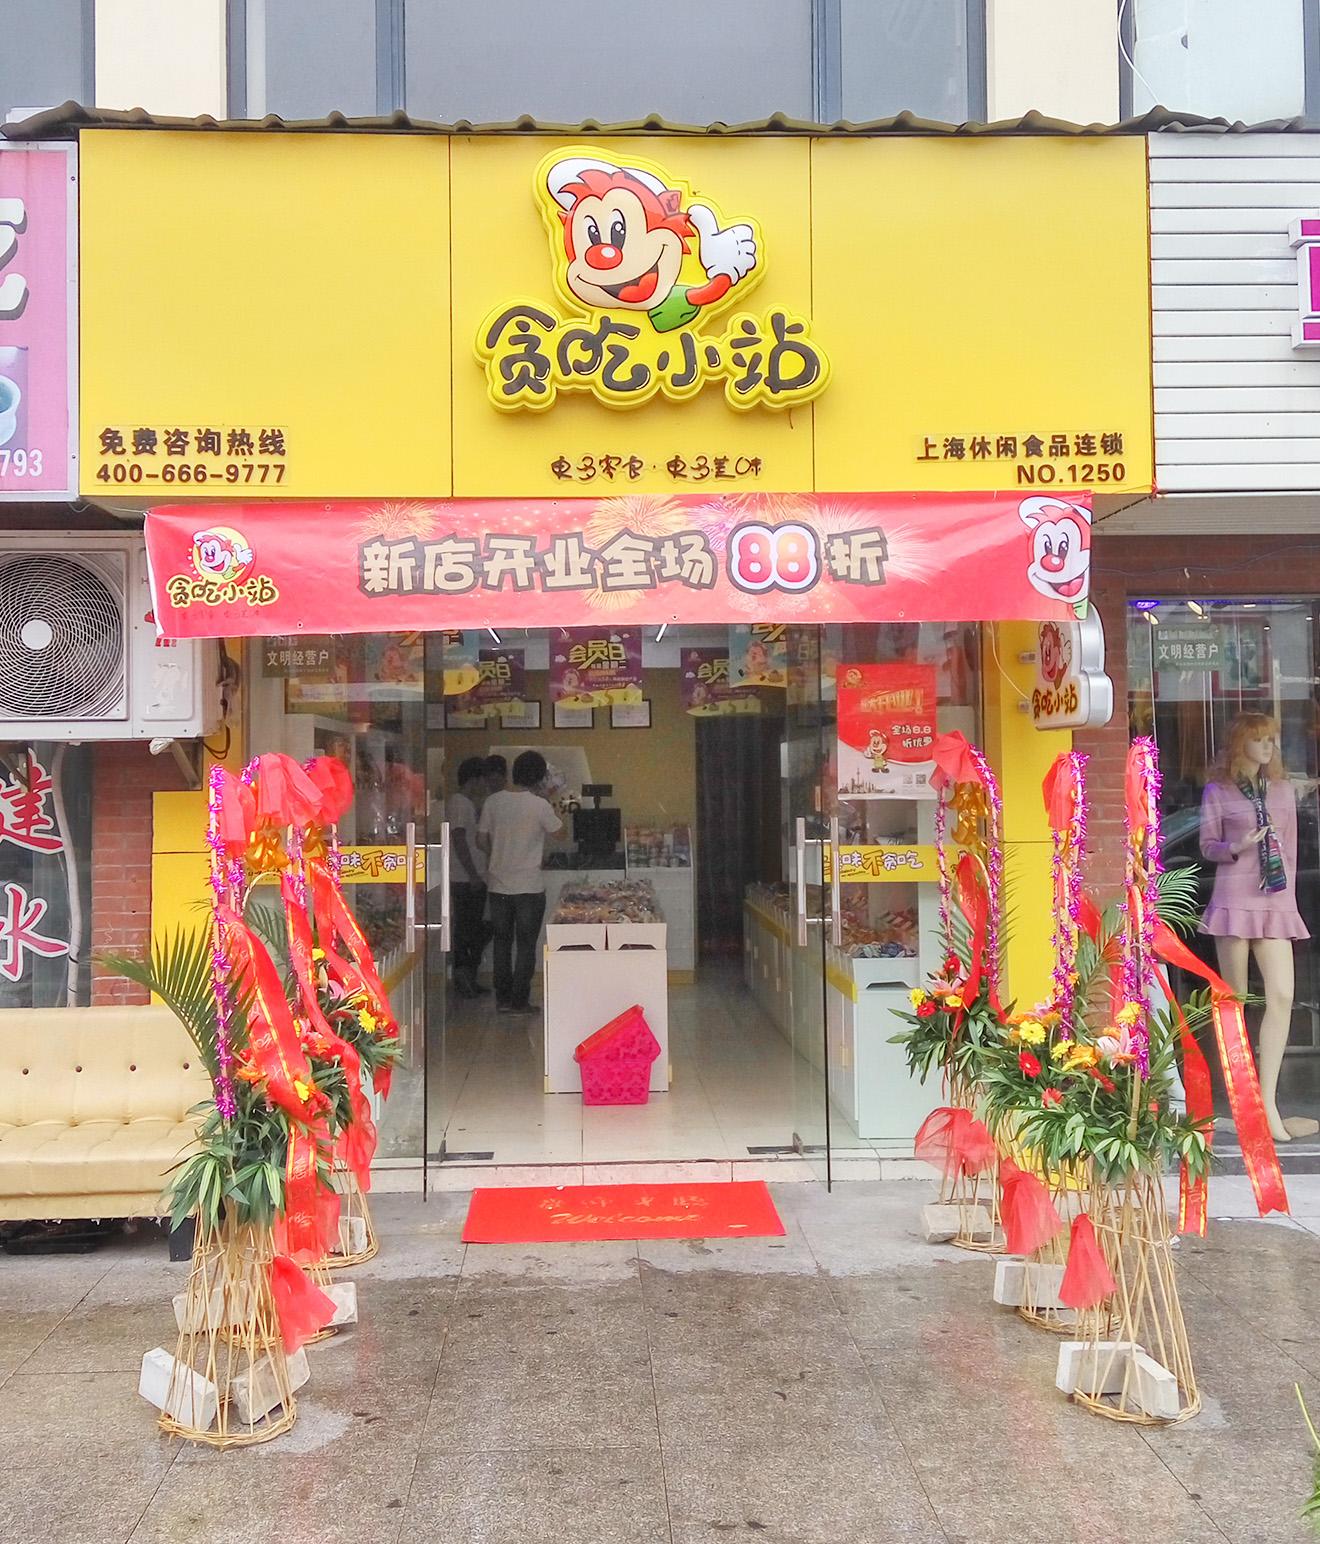 干果炒货店铺图片